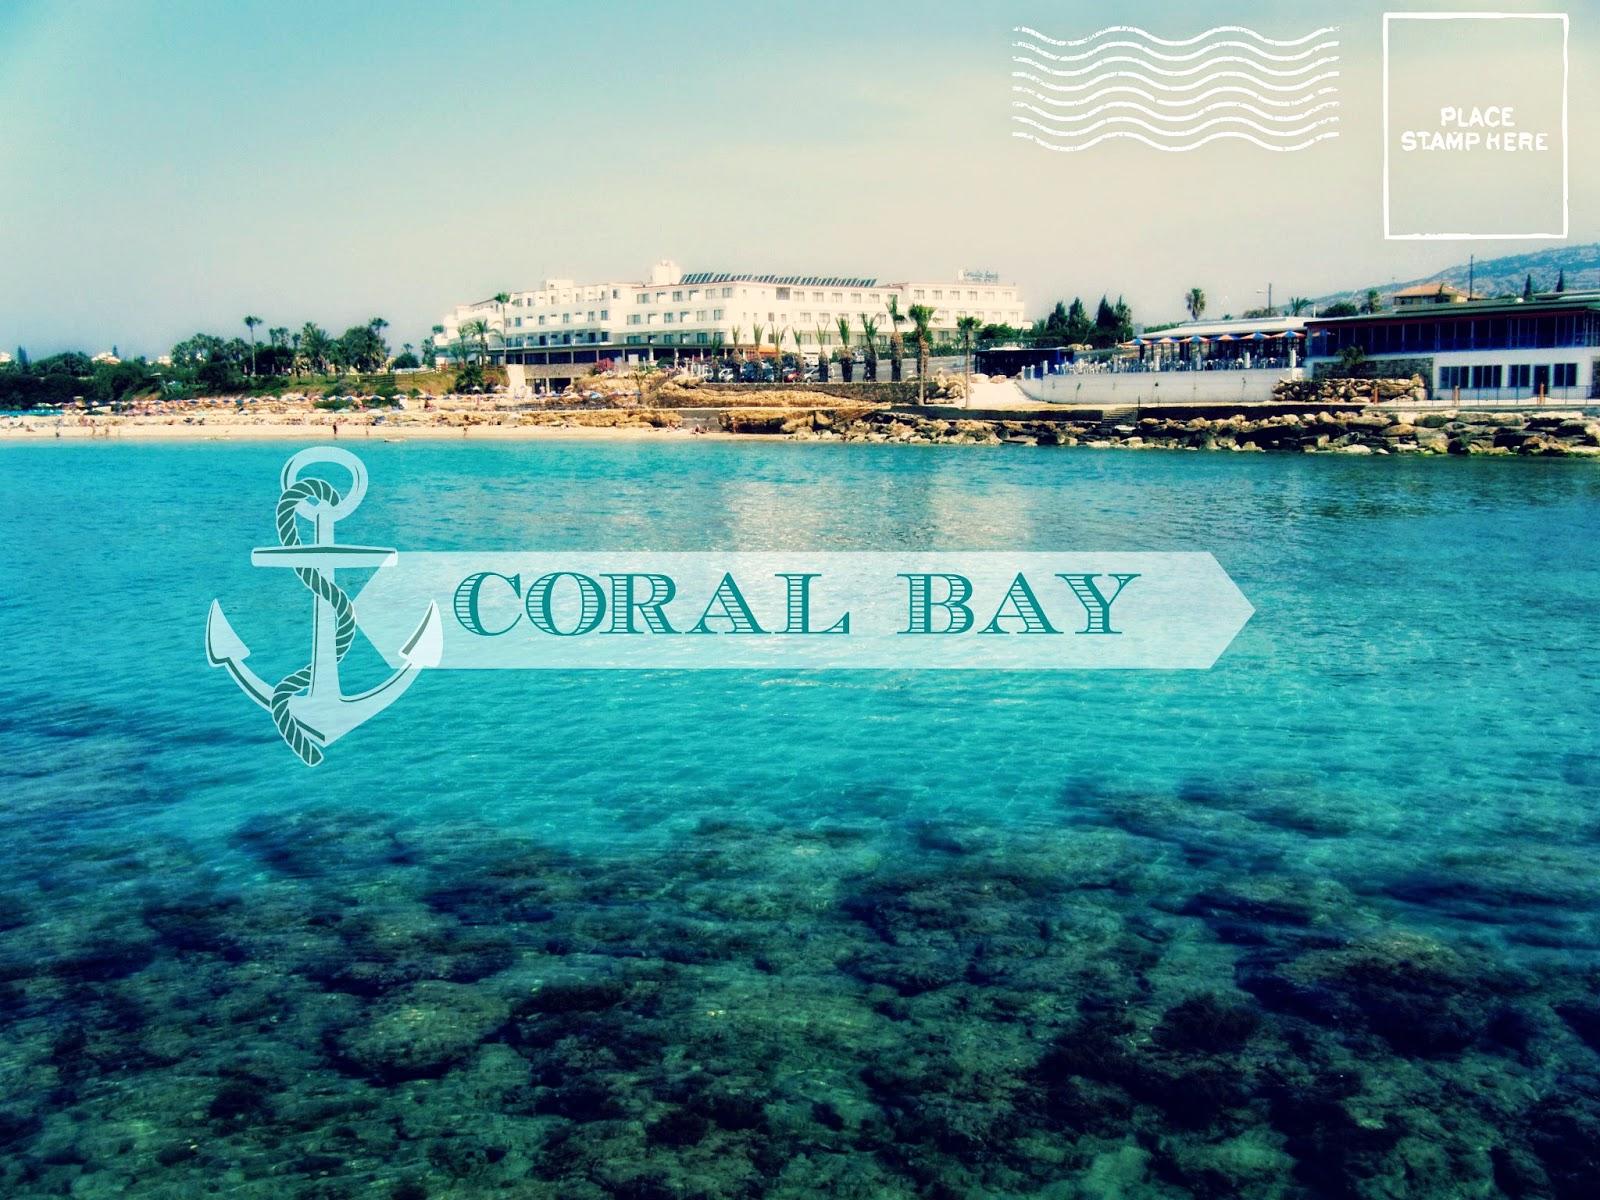 http://sussysmediterraneantreasures.blogspot.de/2014/05/zypern-coral-bay-der-ort-mit.html